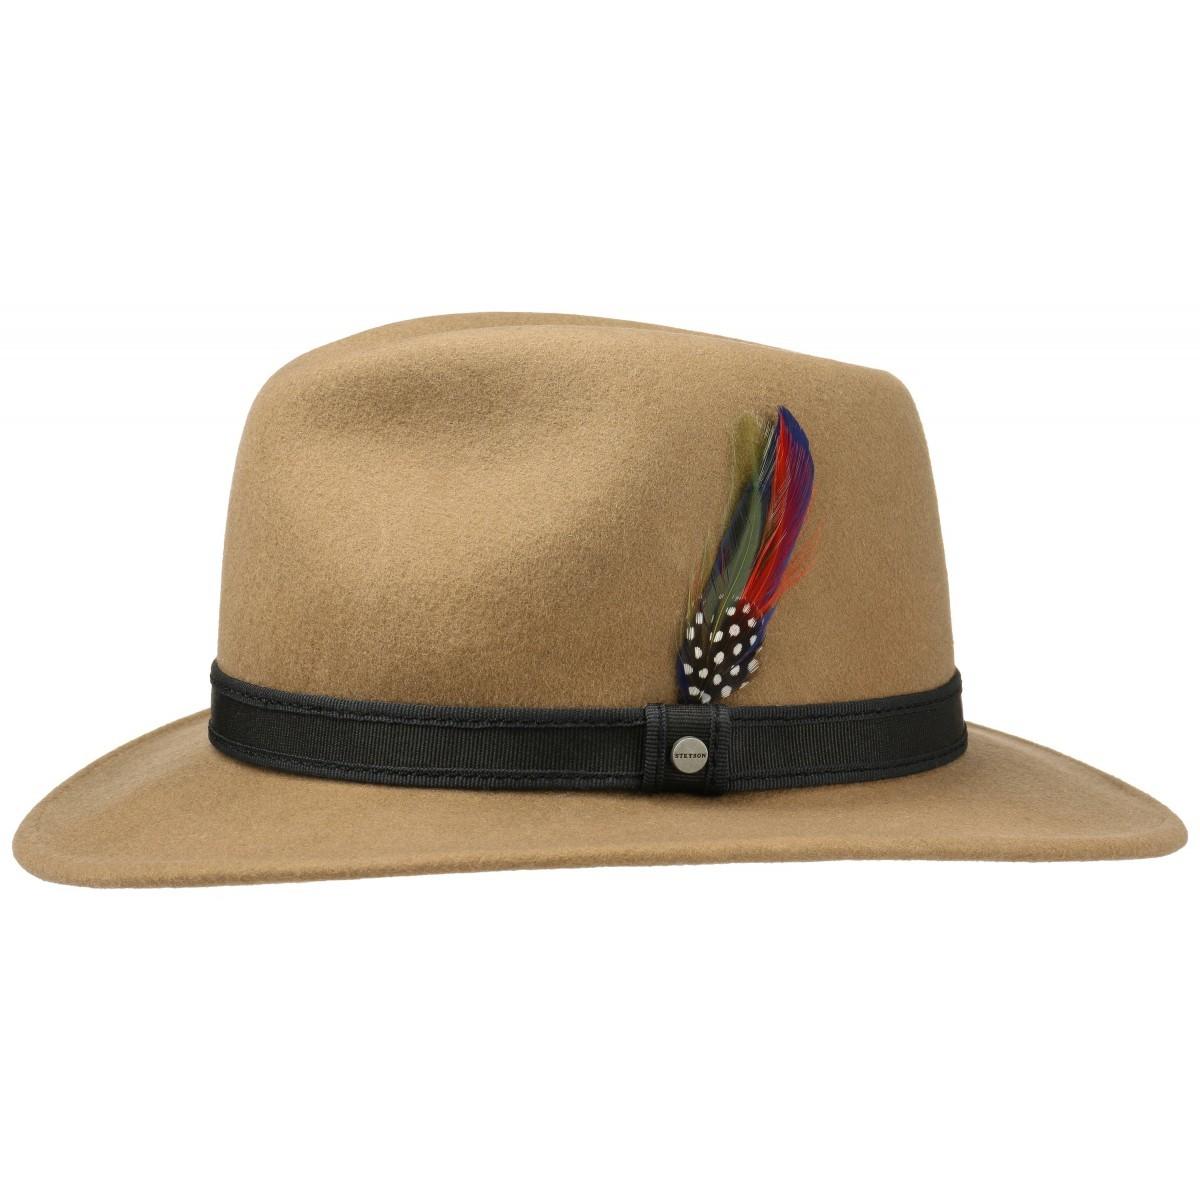 Stetson gyapjú kalap bézs 2528104